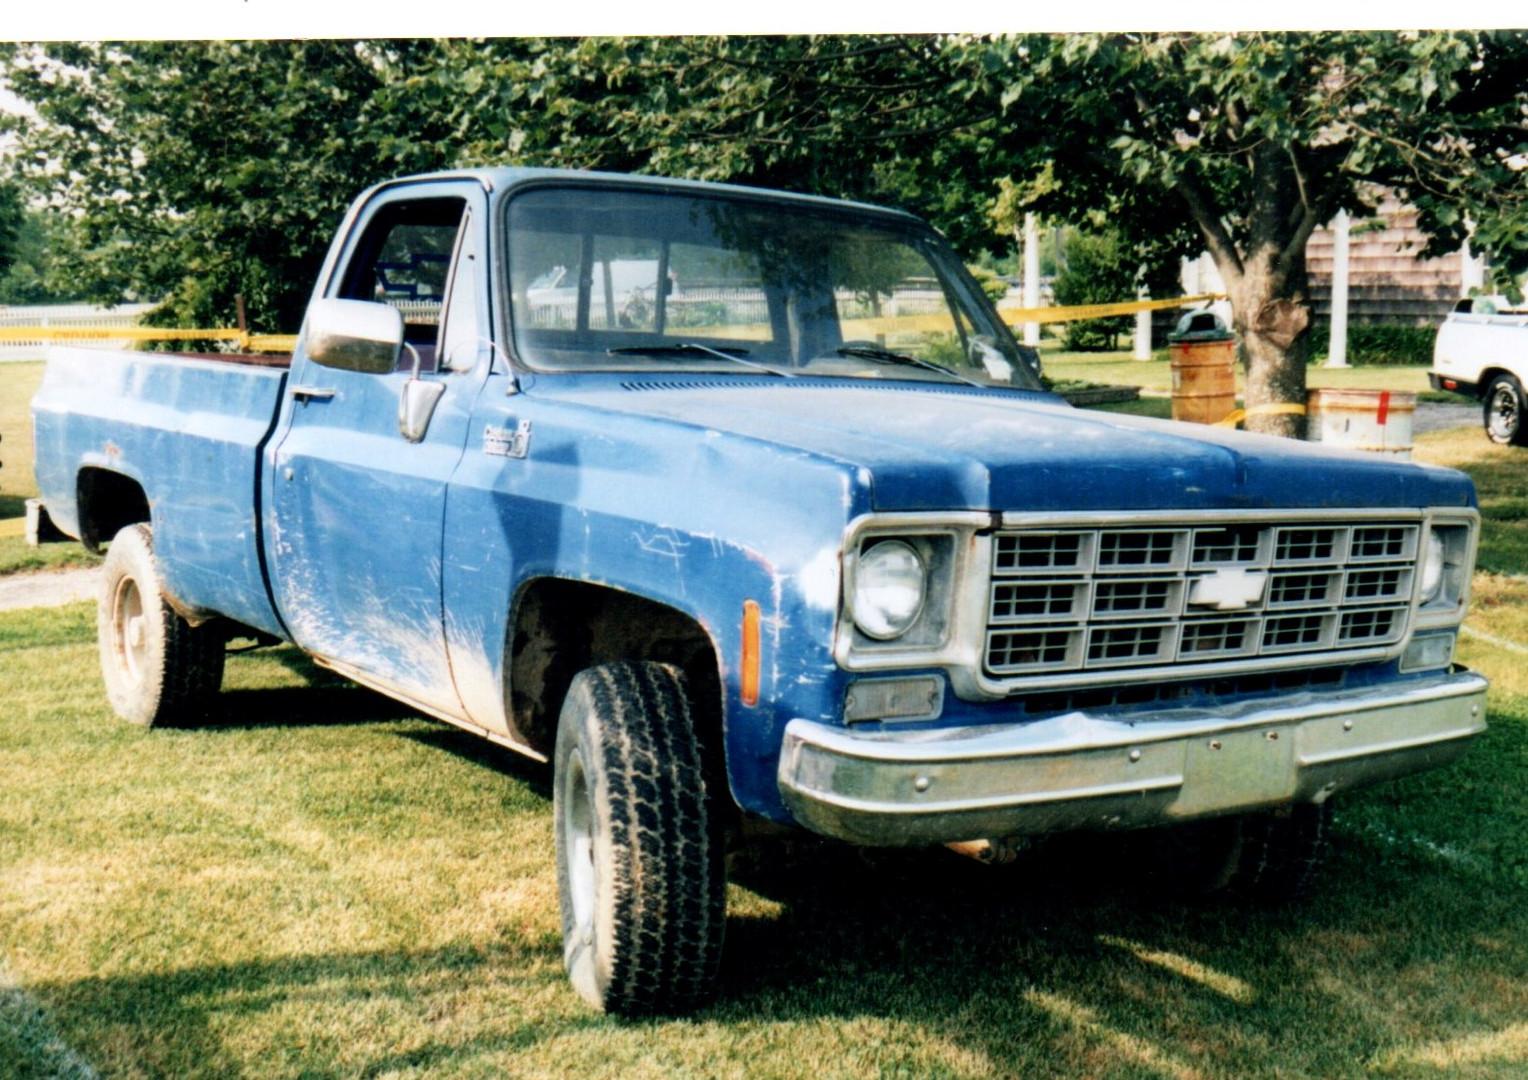 1976 Chevrolet pickup - Steve Wolbert